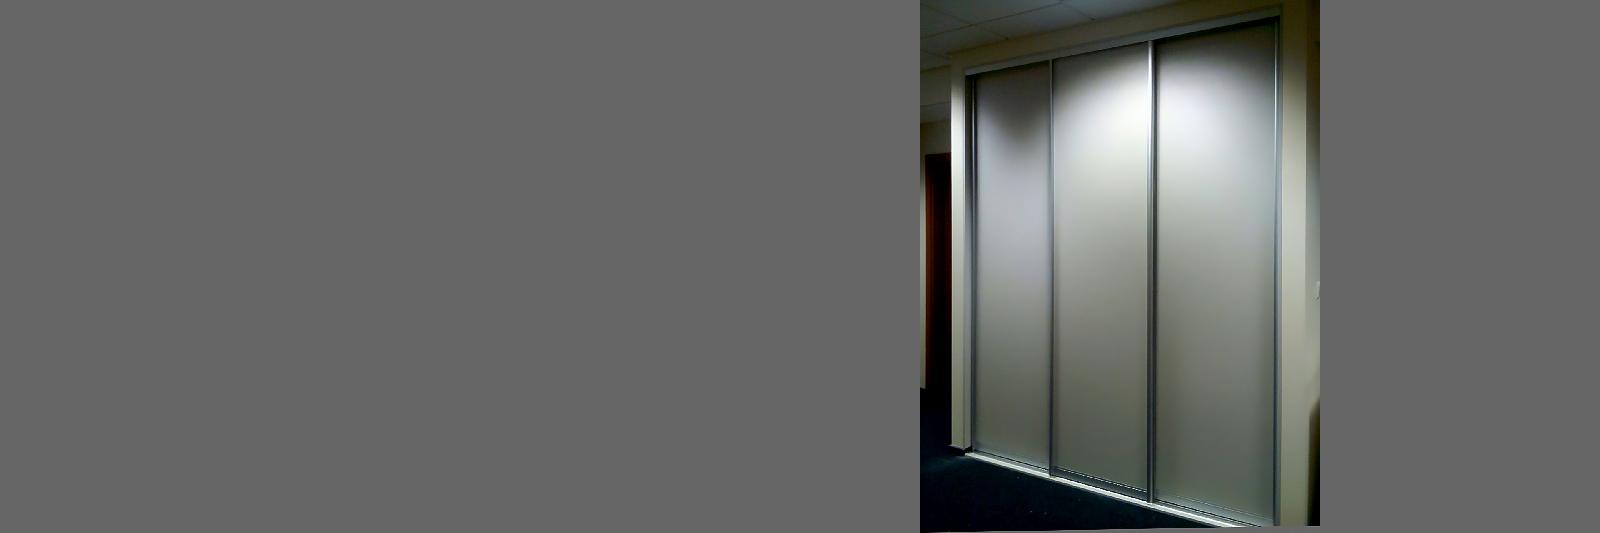 Гардероб в офис с раздвижными дверями